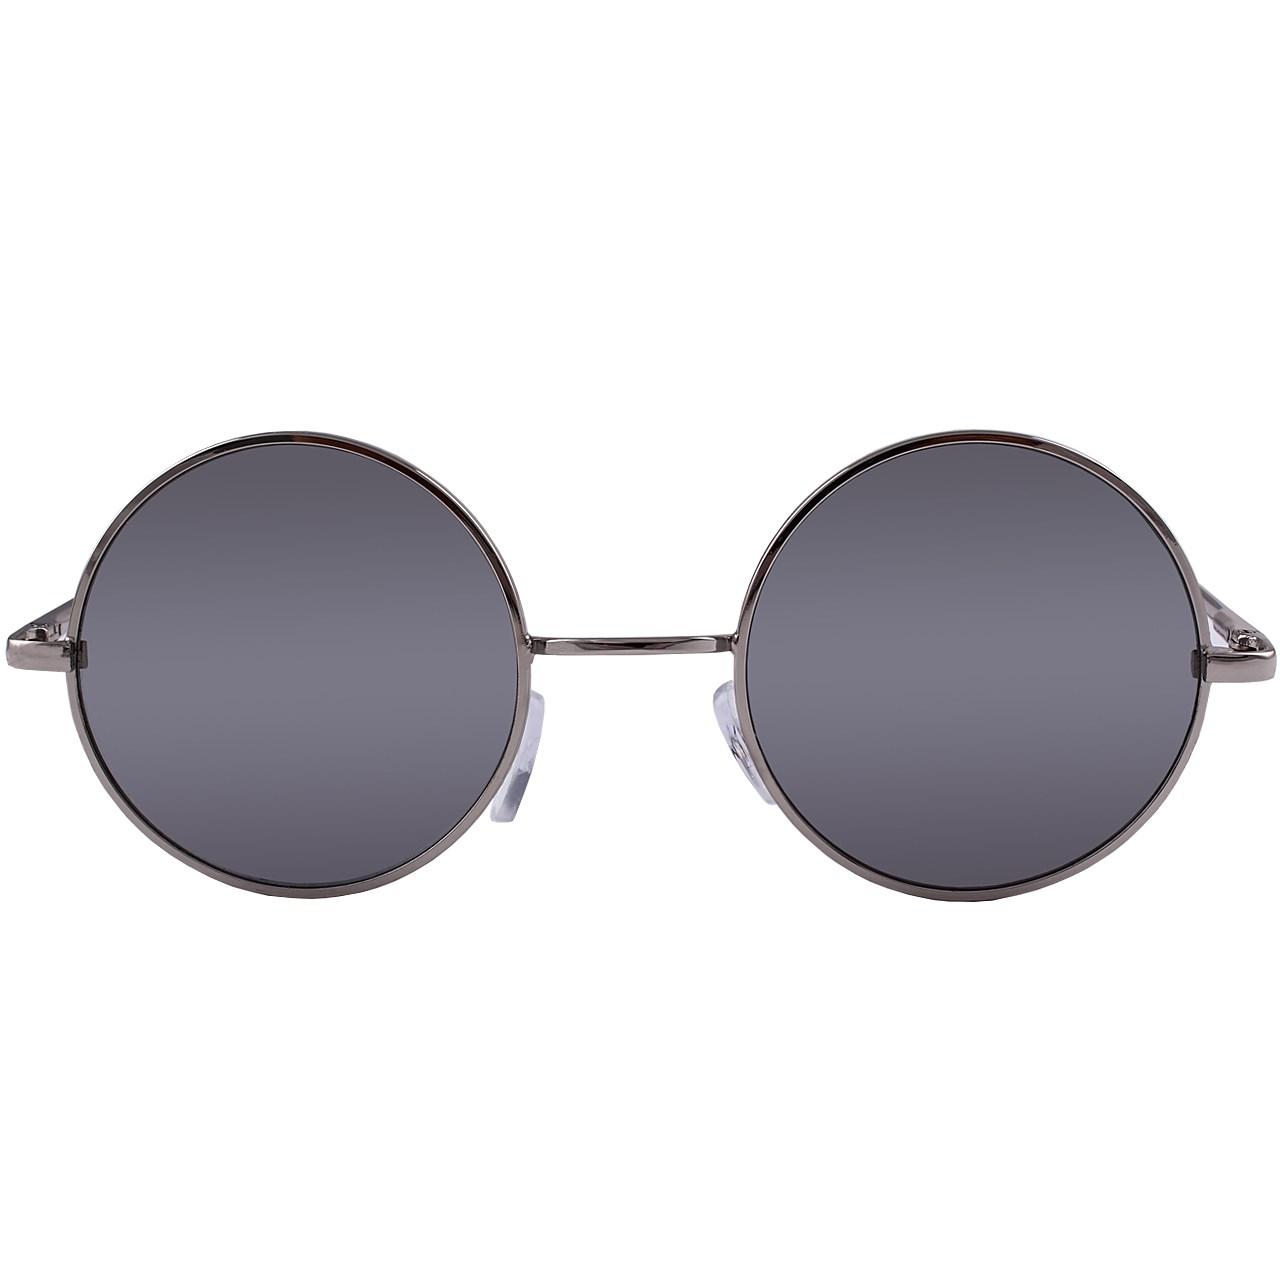 قیمت عینک آفتابی رین بی مدل 8747SL